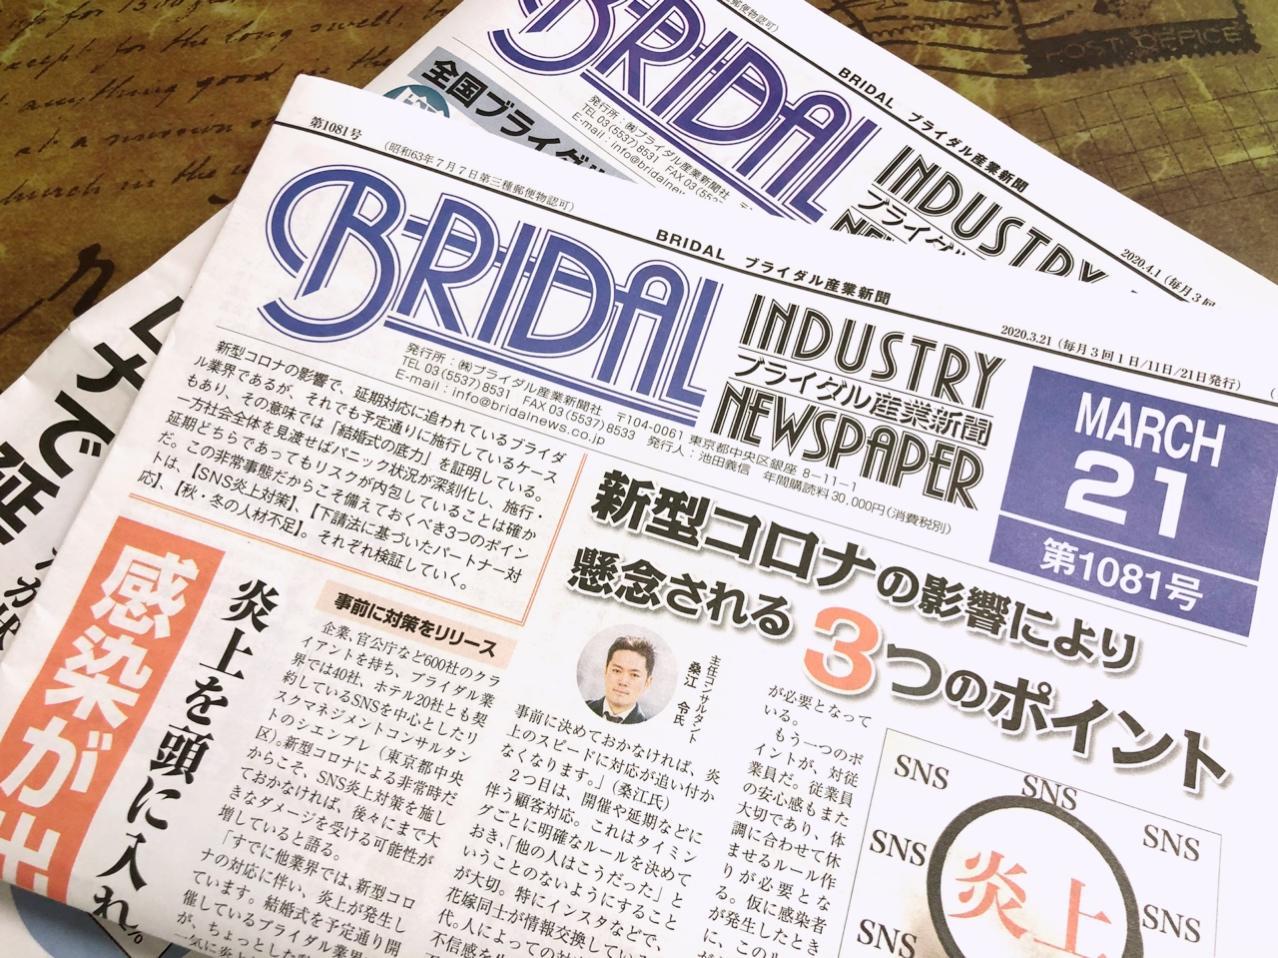 ブライダル産業新聞に掲載